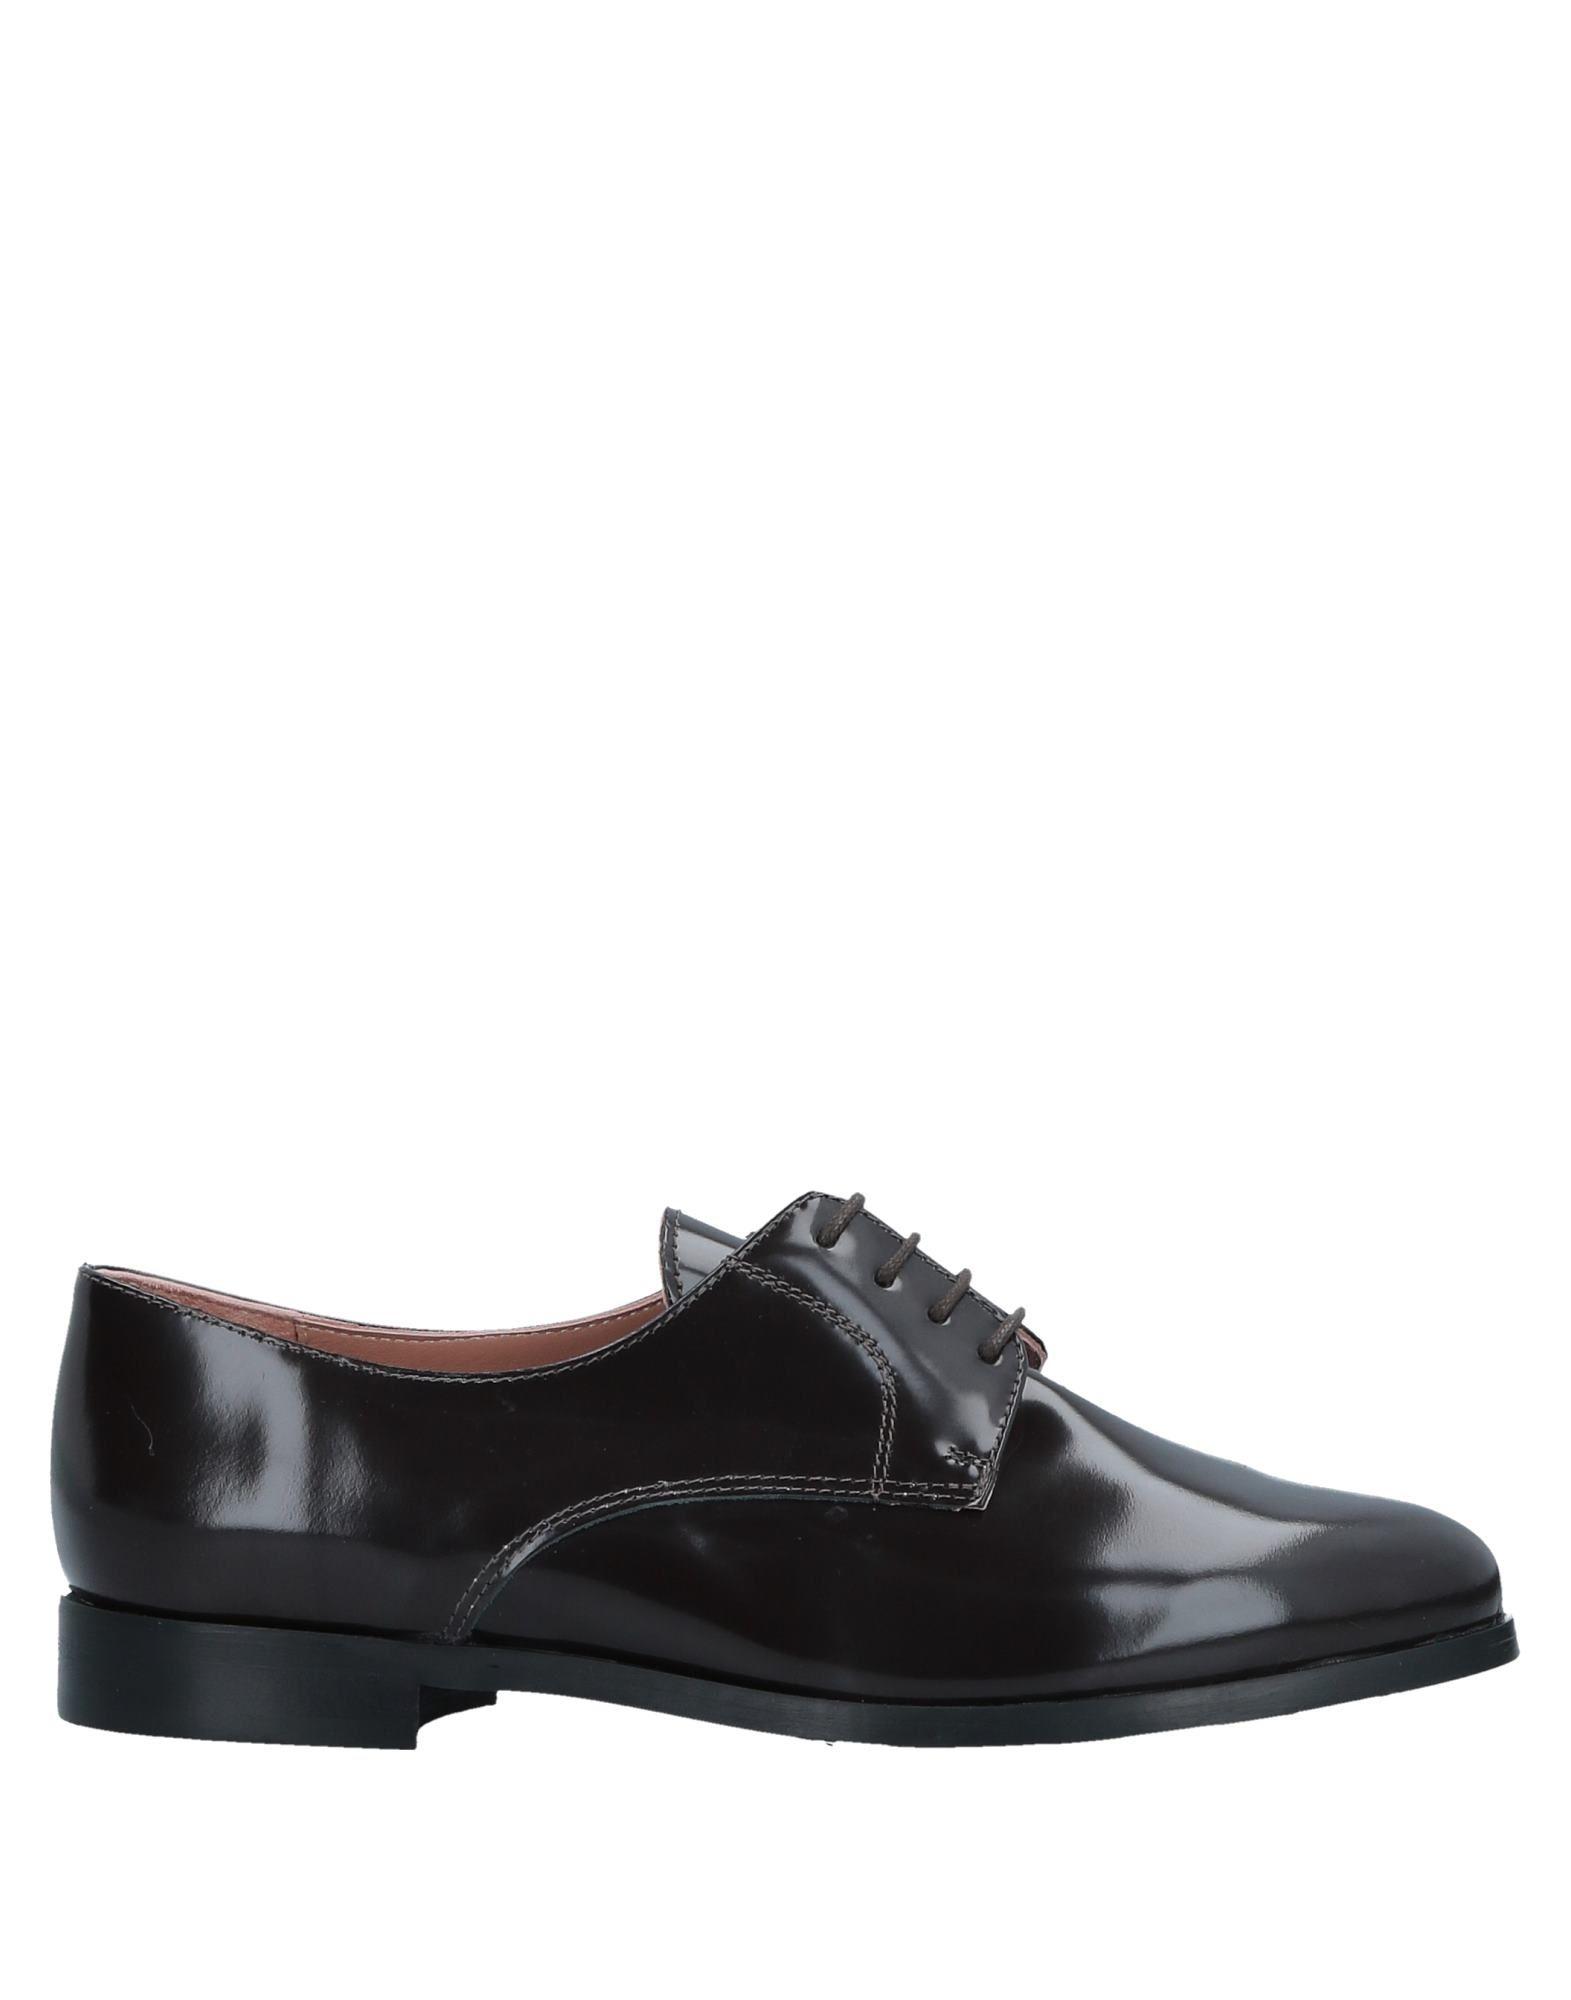 Settantatre Lr Schnürschuhe Damen  11516175PAGut aussehende strapazierfähige Schuhe